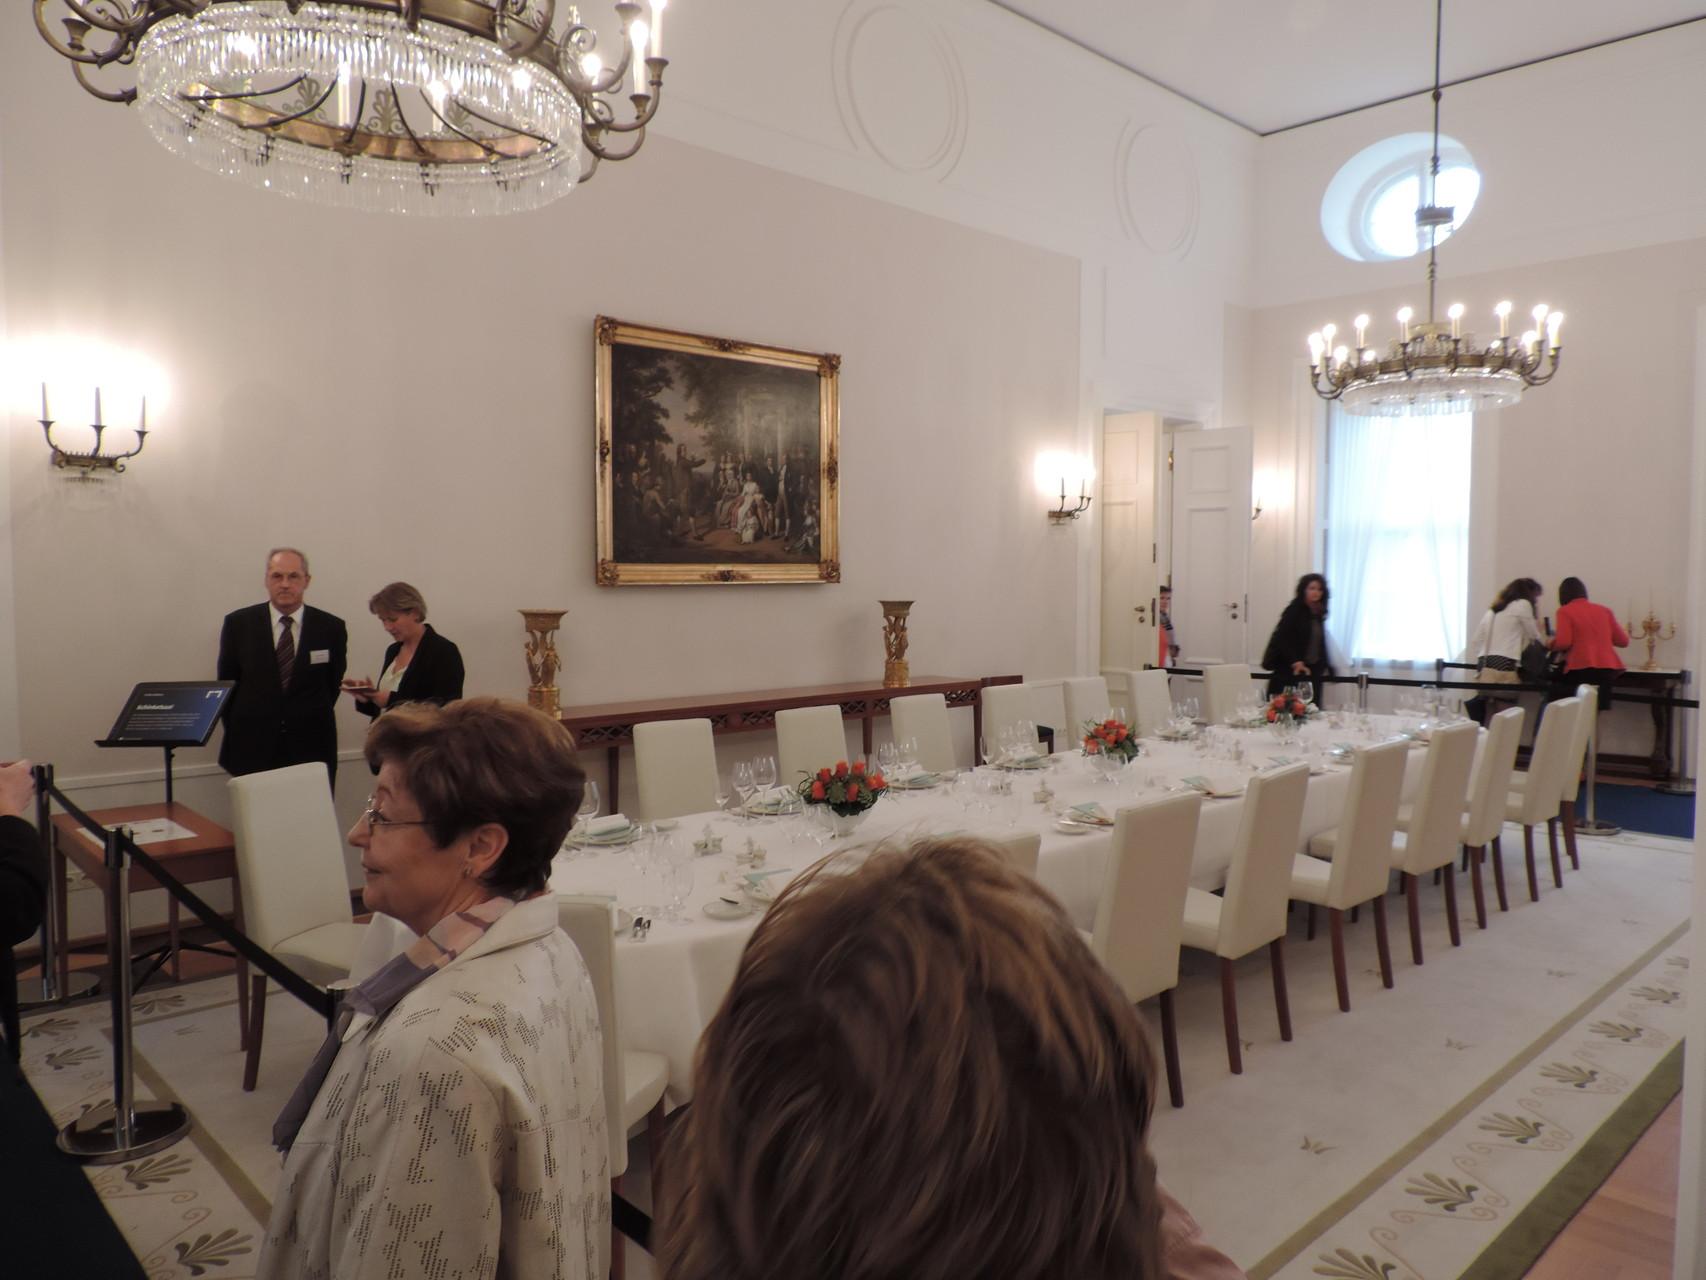 Ein weiterer Aspekt, um Bundespräsident zu werden: Er hat viel Platz in seinem Schloss. Viele Salons und Säle durften auch wir ansehen. Normalerweise werden hier unter anderem internationale und hochrangige Politiker mit deren Delegationen empfangen.